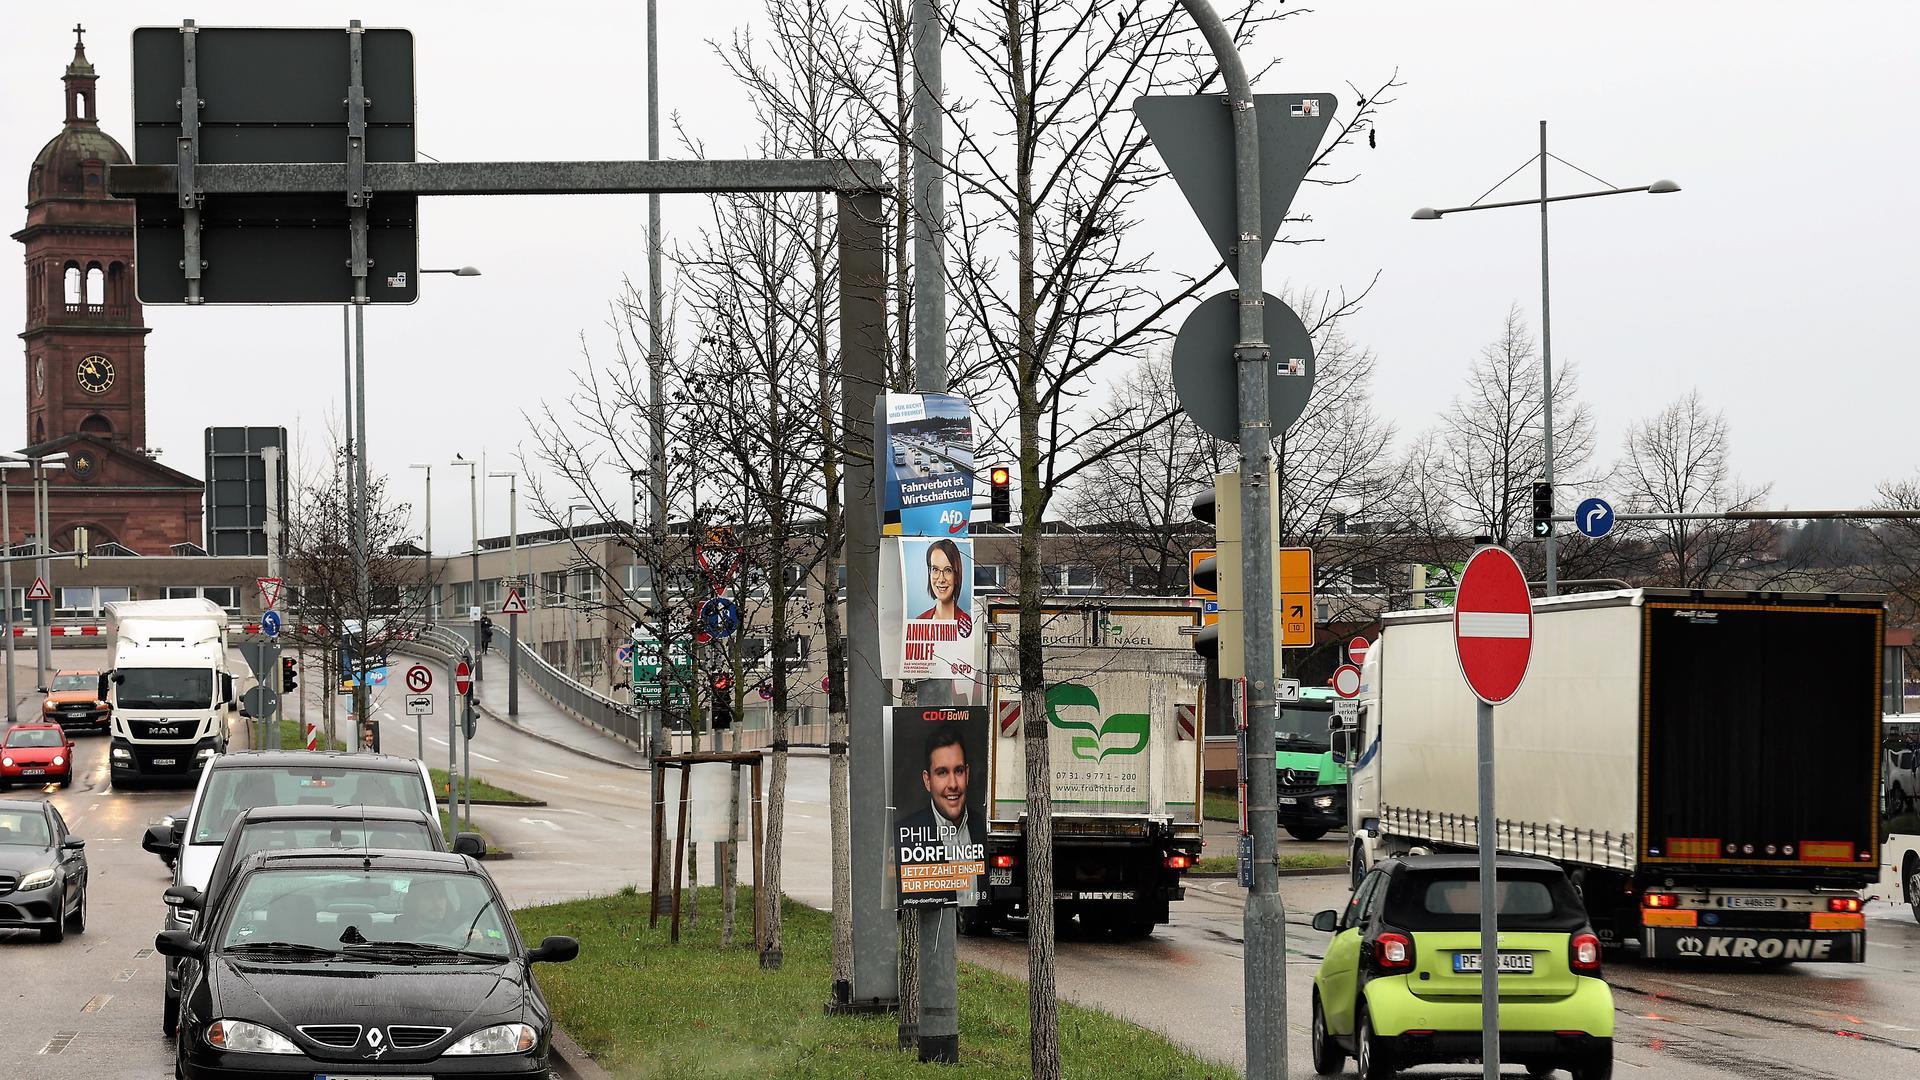 Auf einem Verkehrsteiler am Pforzheimer Hauptbahnhof werben am Dienstag Plakate von CDU, AfD und SPD um Stimmen für die Landtagswahl am 14. März. Allerdings dürften dort gar keine Wahlplakate aufgestellt sein.